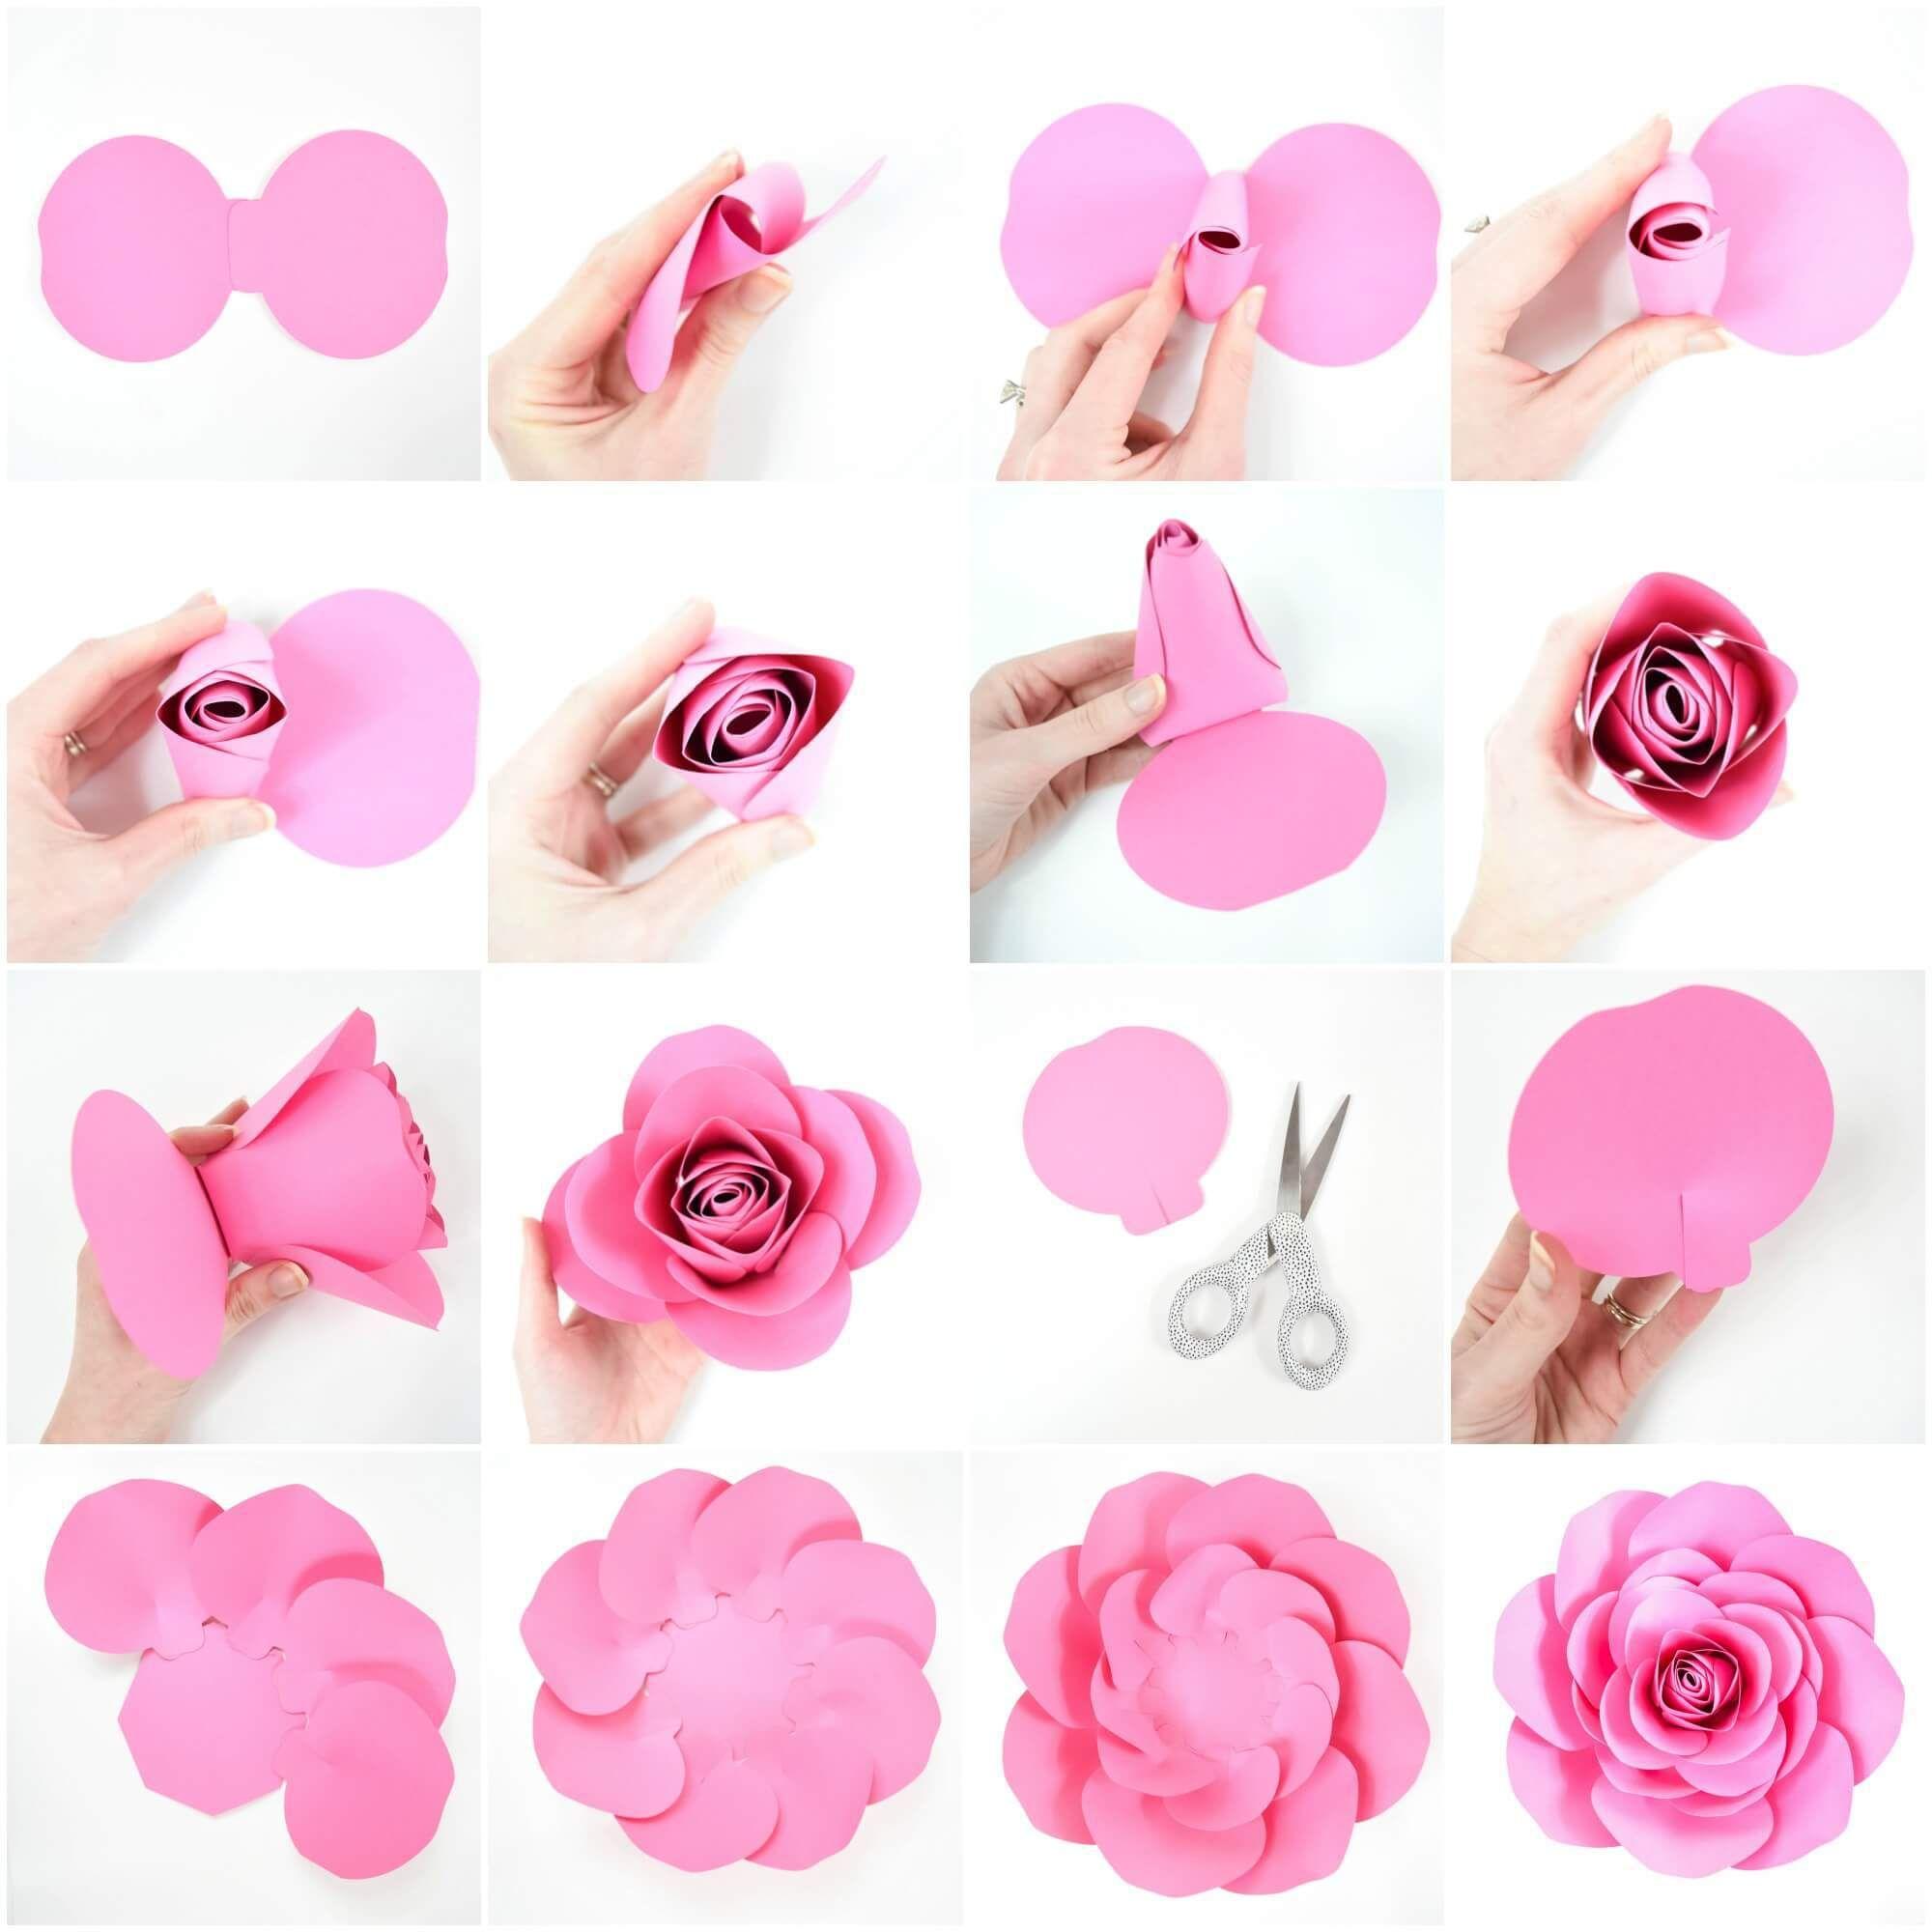 Free Large Paper Rose Template Paper Roses Diy Paper Flower Template Paper Flowers Diy Easy